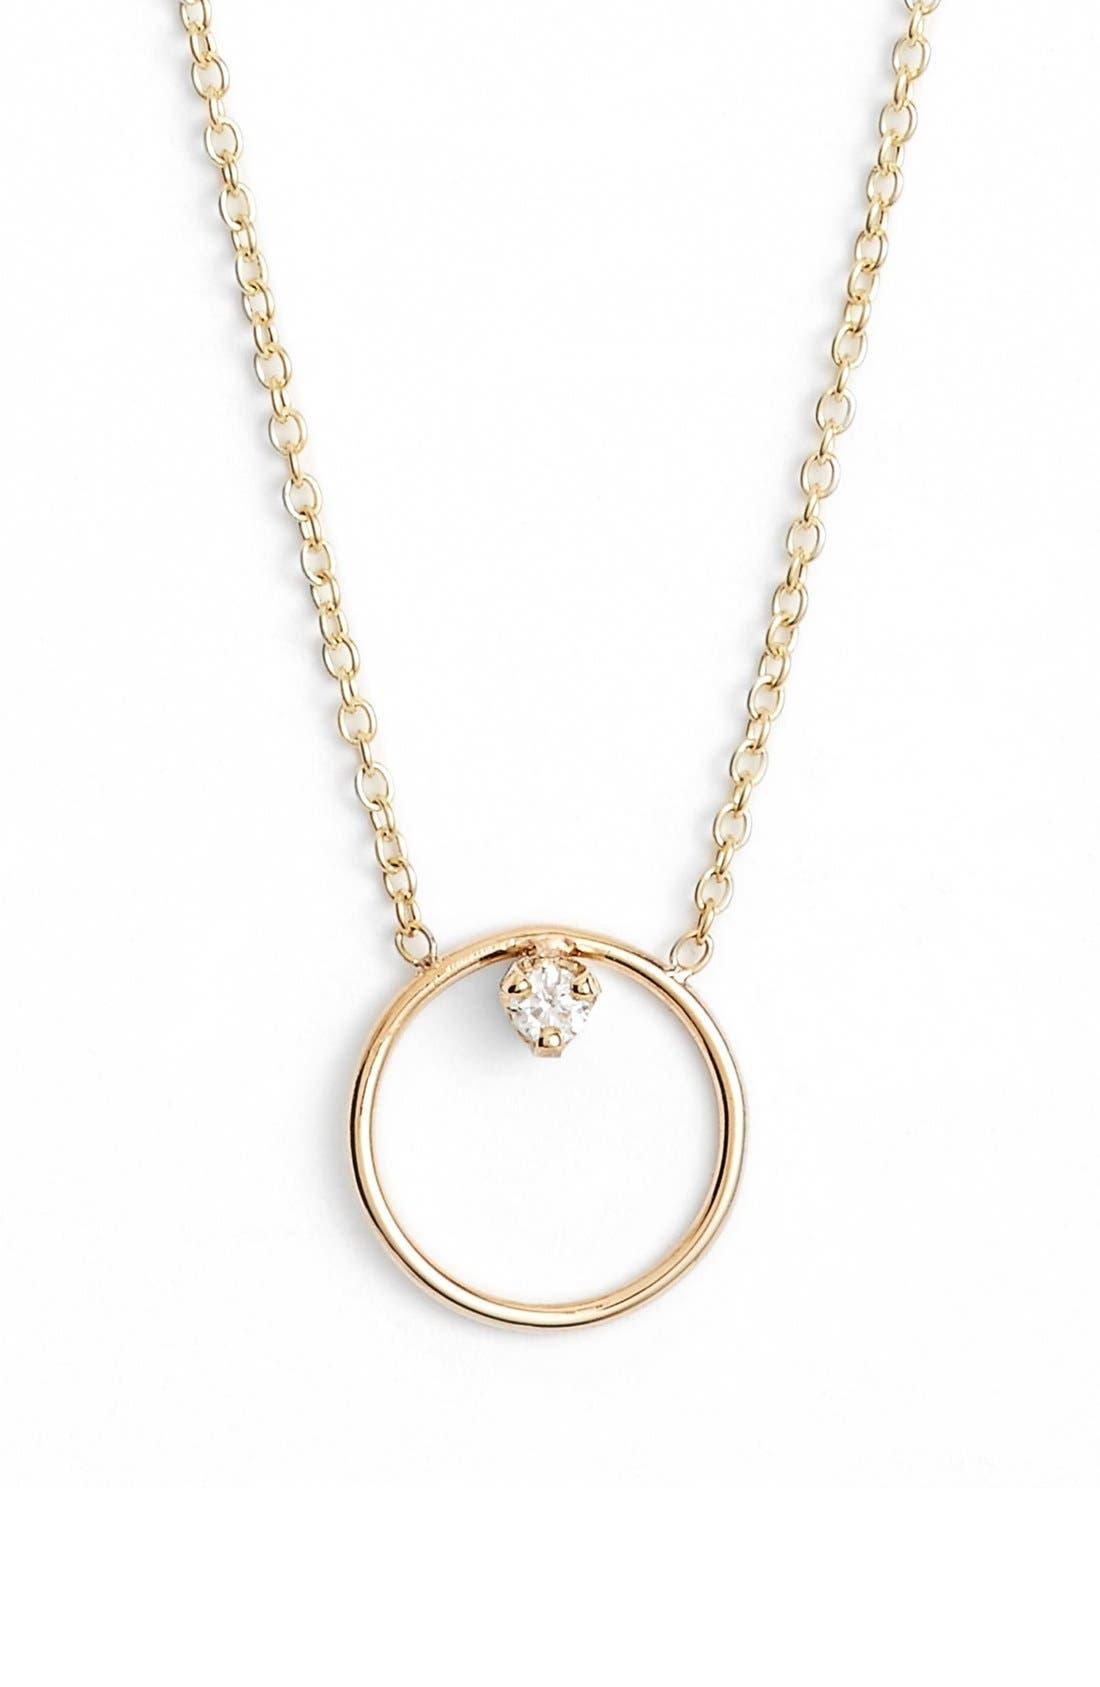 Main Image - Zoë Chicco Diamond Circle Necklace